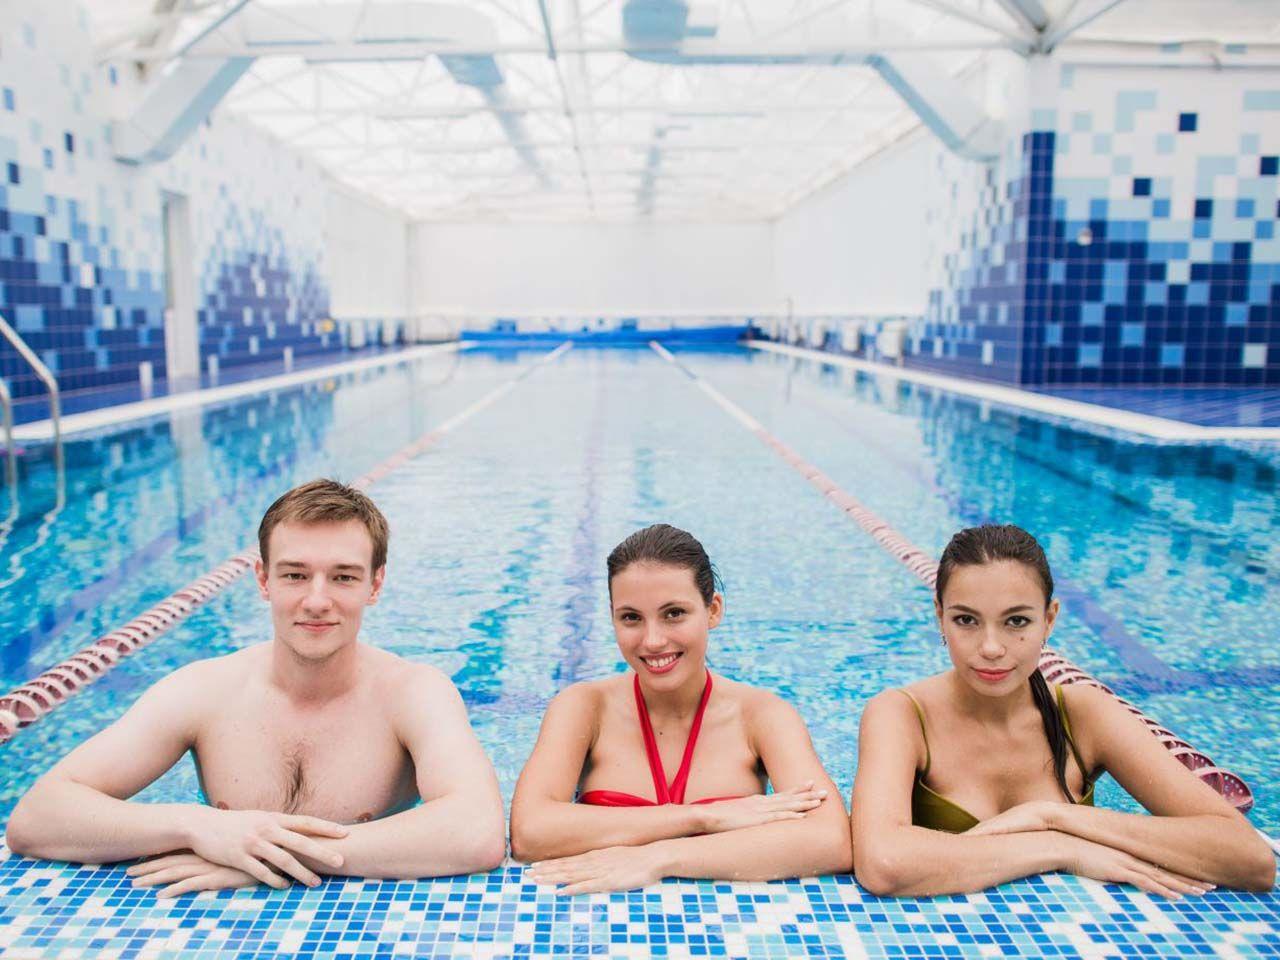 d9305f55eaab7c Dowiedz się, jaki, pozytywny wpływ ta aktywność wywiera na twoim  organizmie. O wielu zaletach pływania mogłaś jeszcze nie słyszeć!